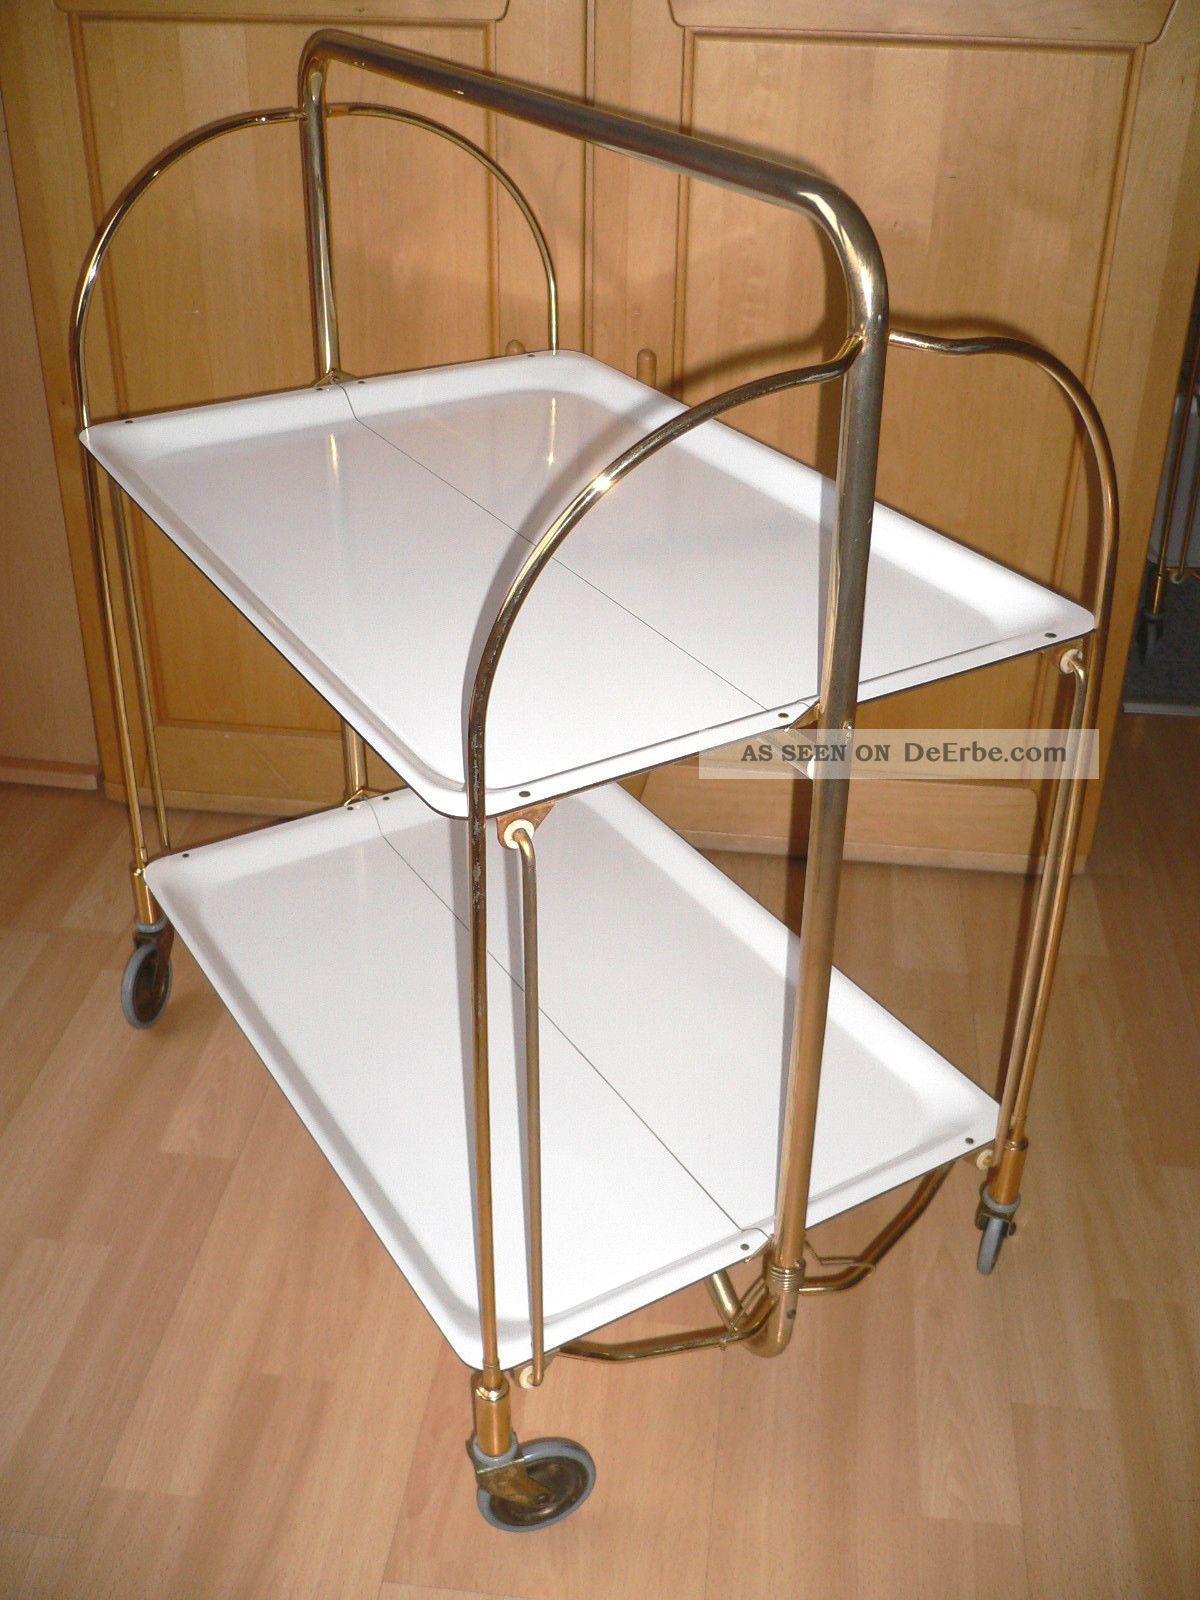 dinett von bremshey wei teewagen servierwagen beistelltisch 55 65er. Black Bedroom Furniture Sets. Home Design Ideas